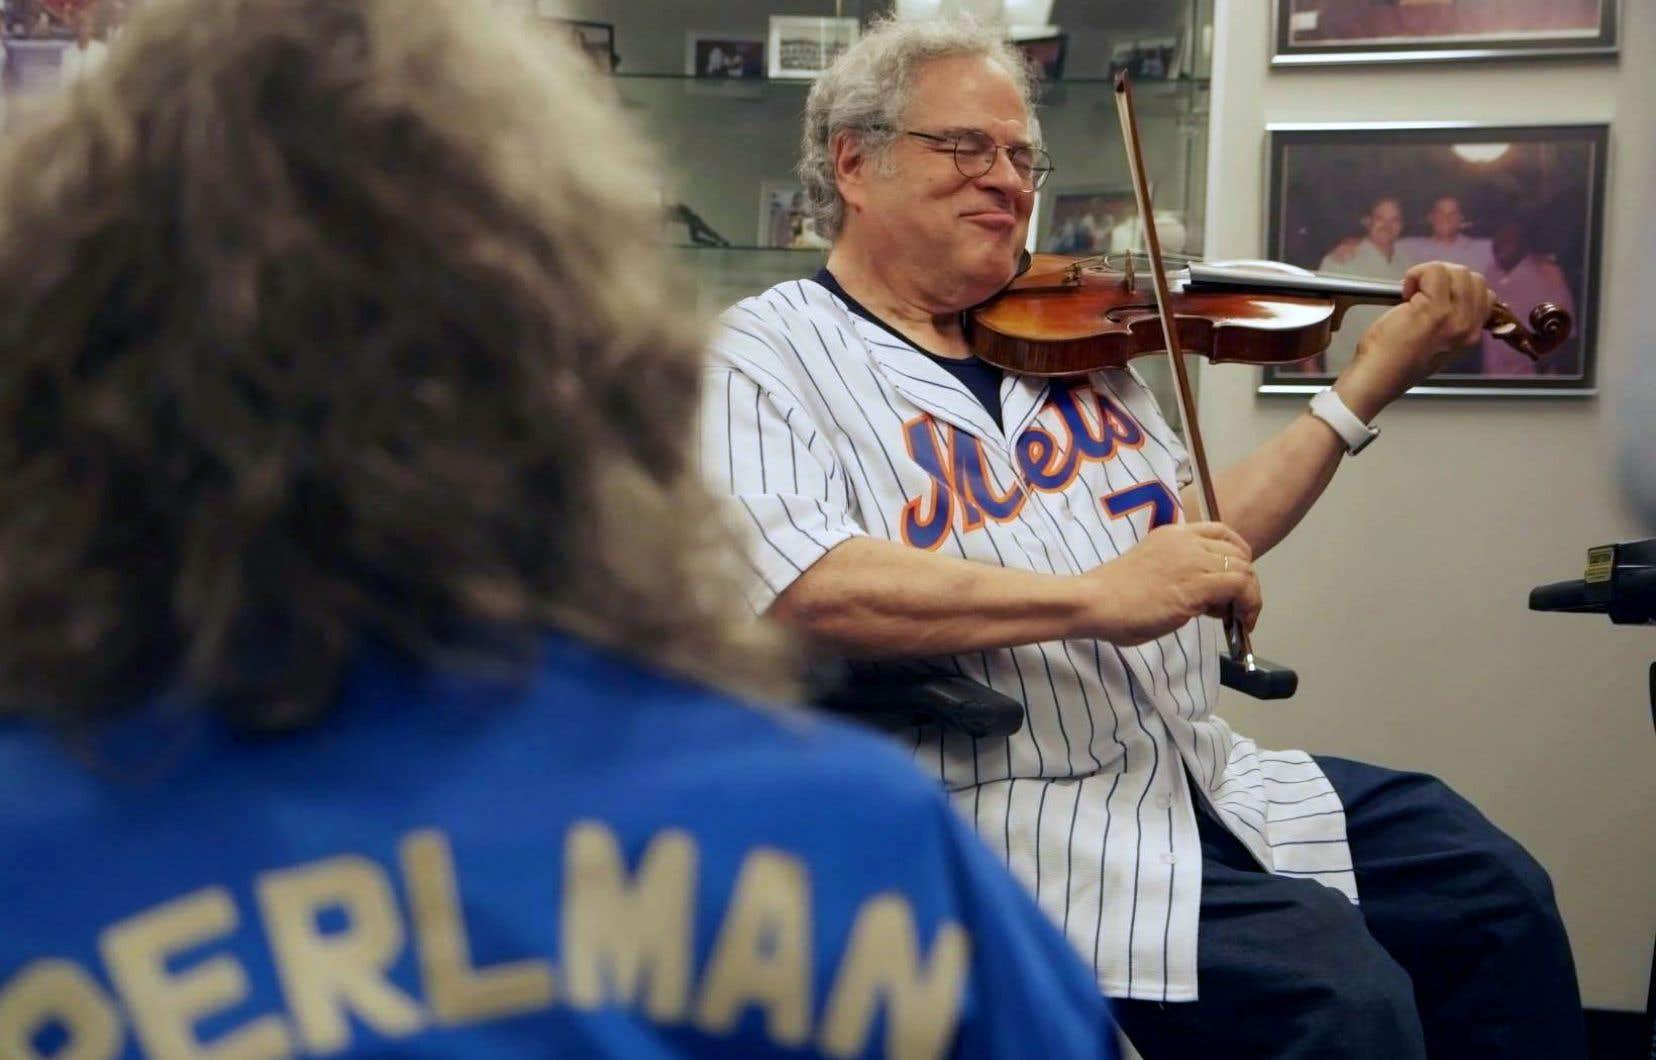 Dans «Itzhak», la documentariste Alison Chernick dresse le portrait du célèbre violoniste Itzhak Perlman.